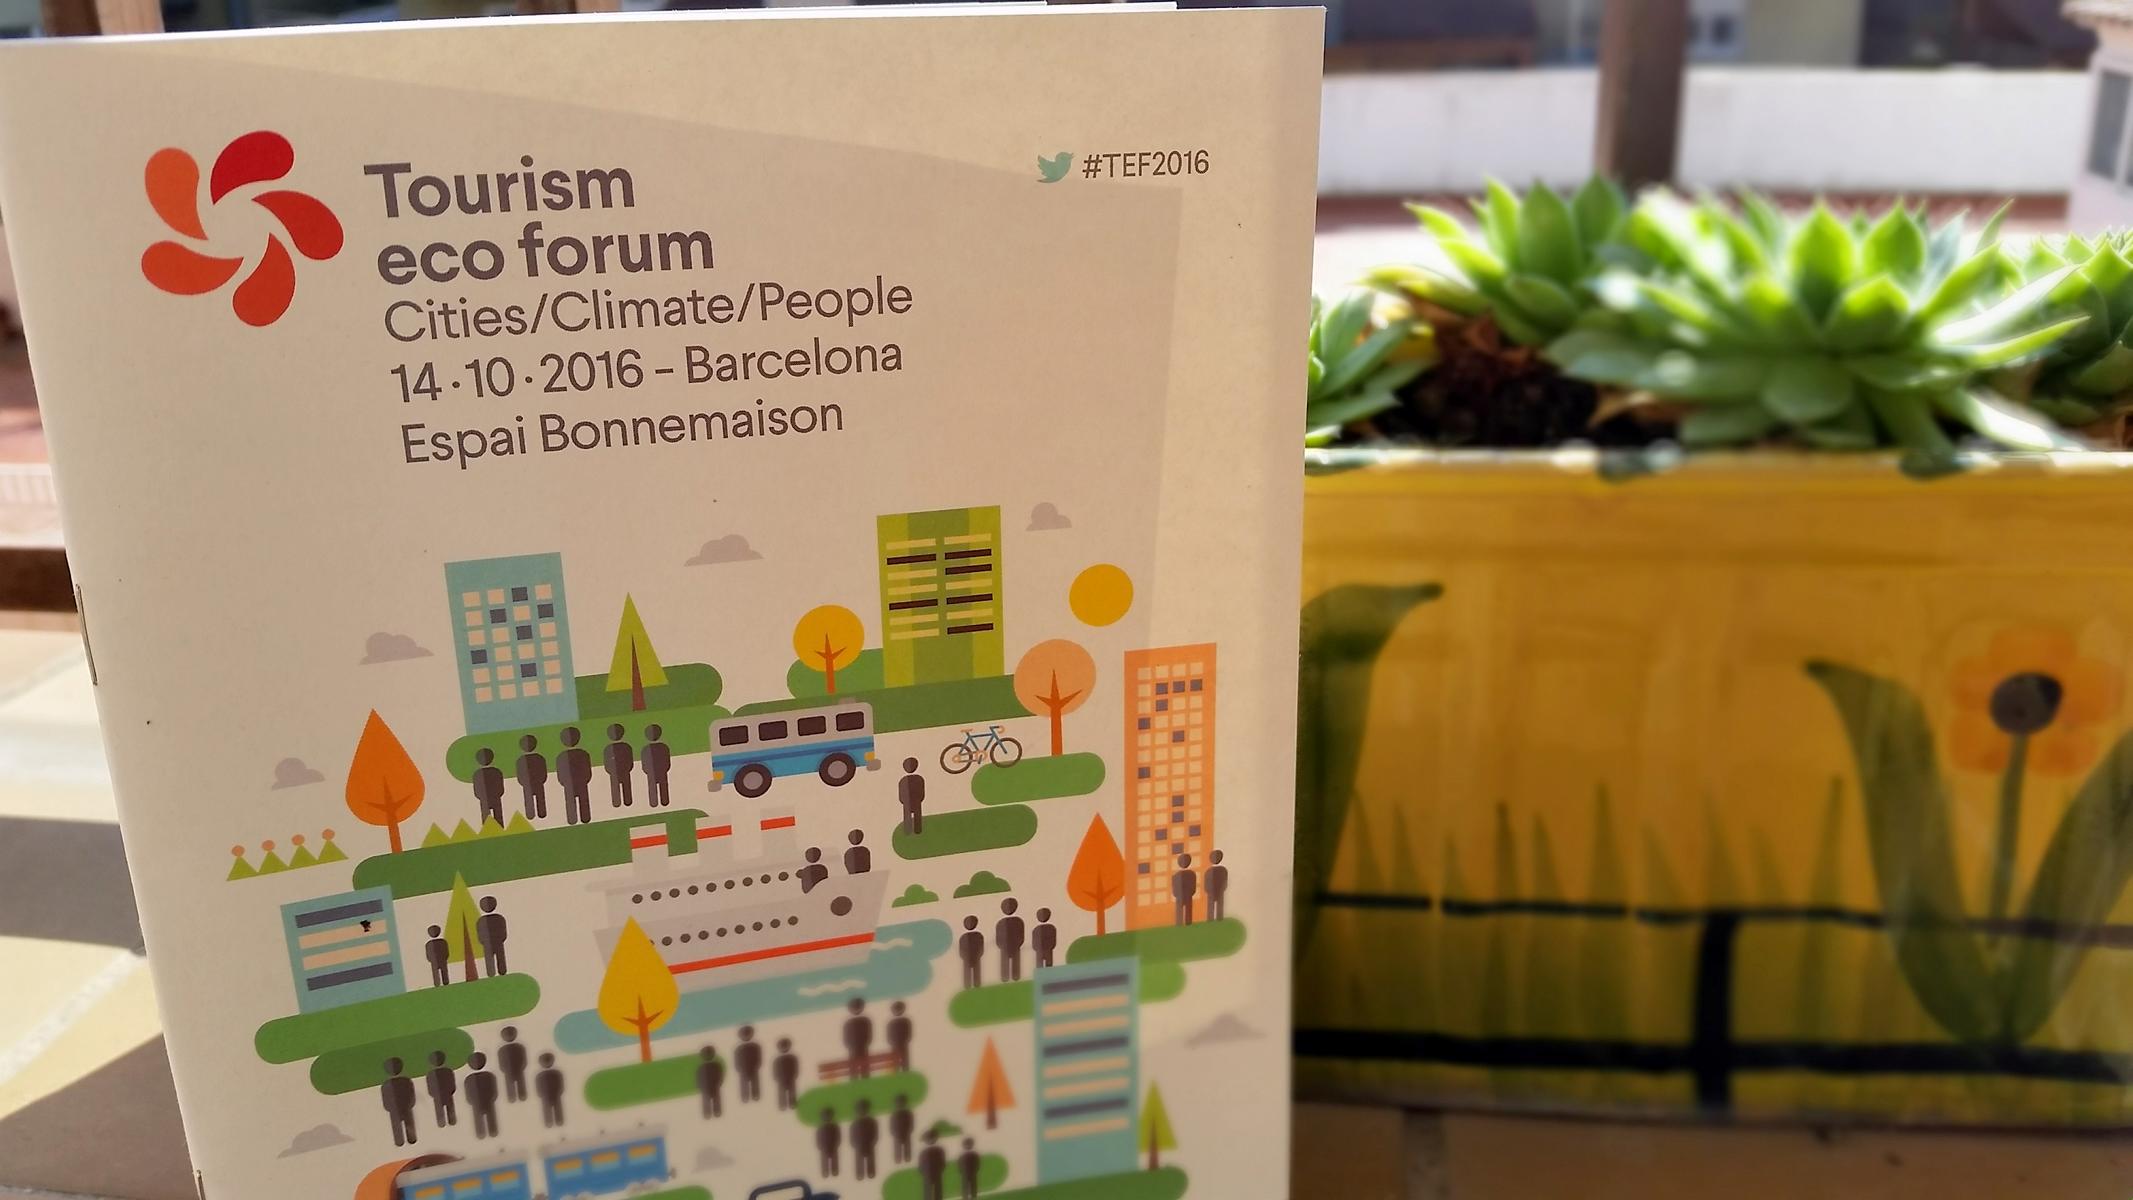 Barcelona tourism eco forum summary